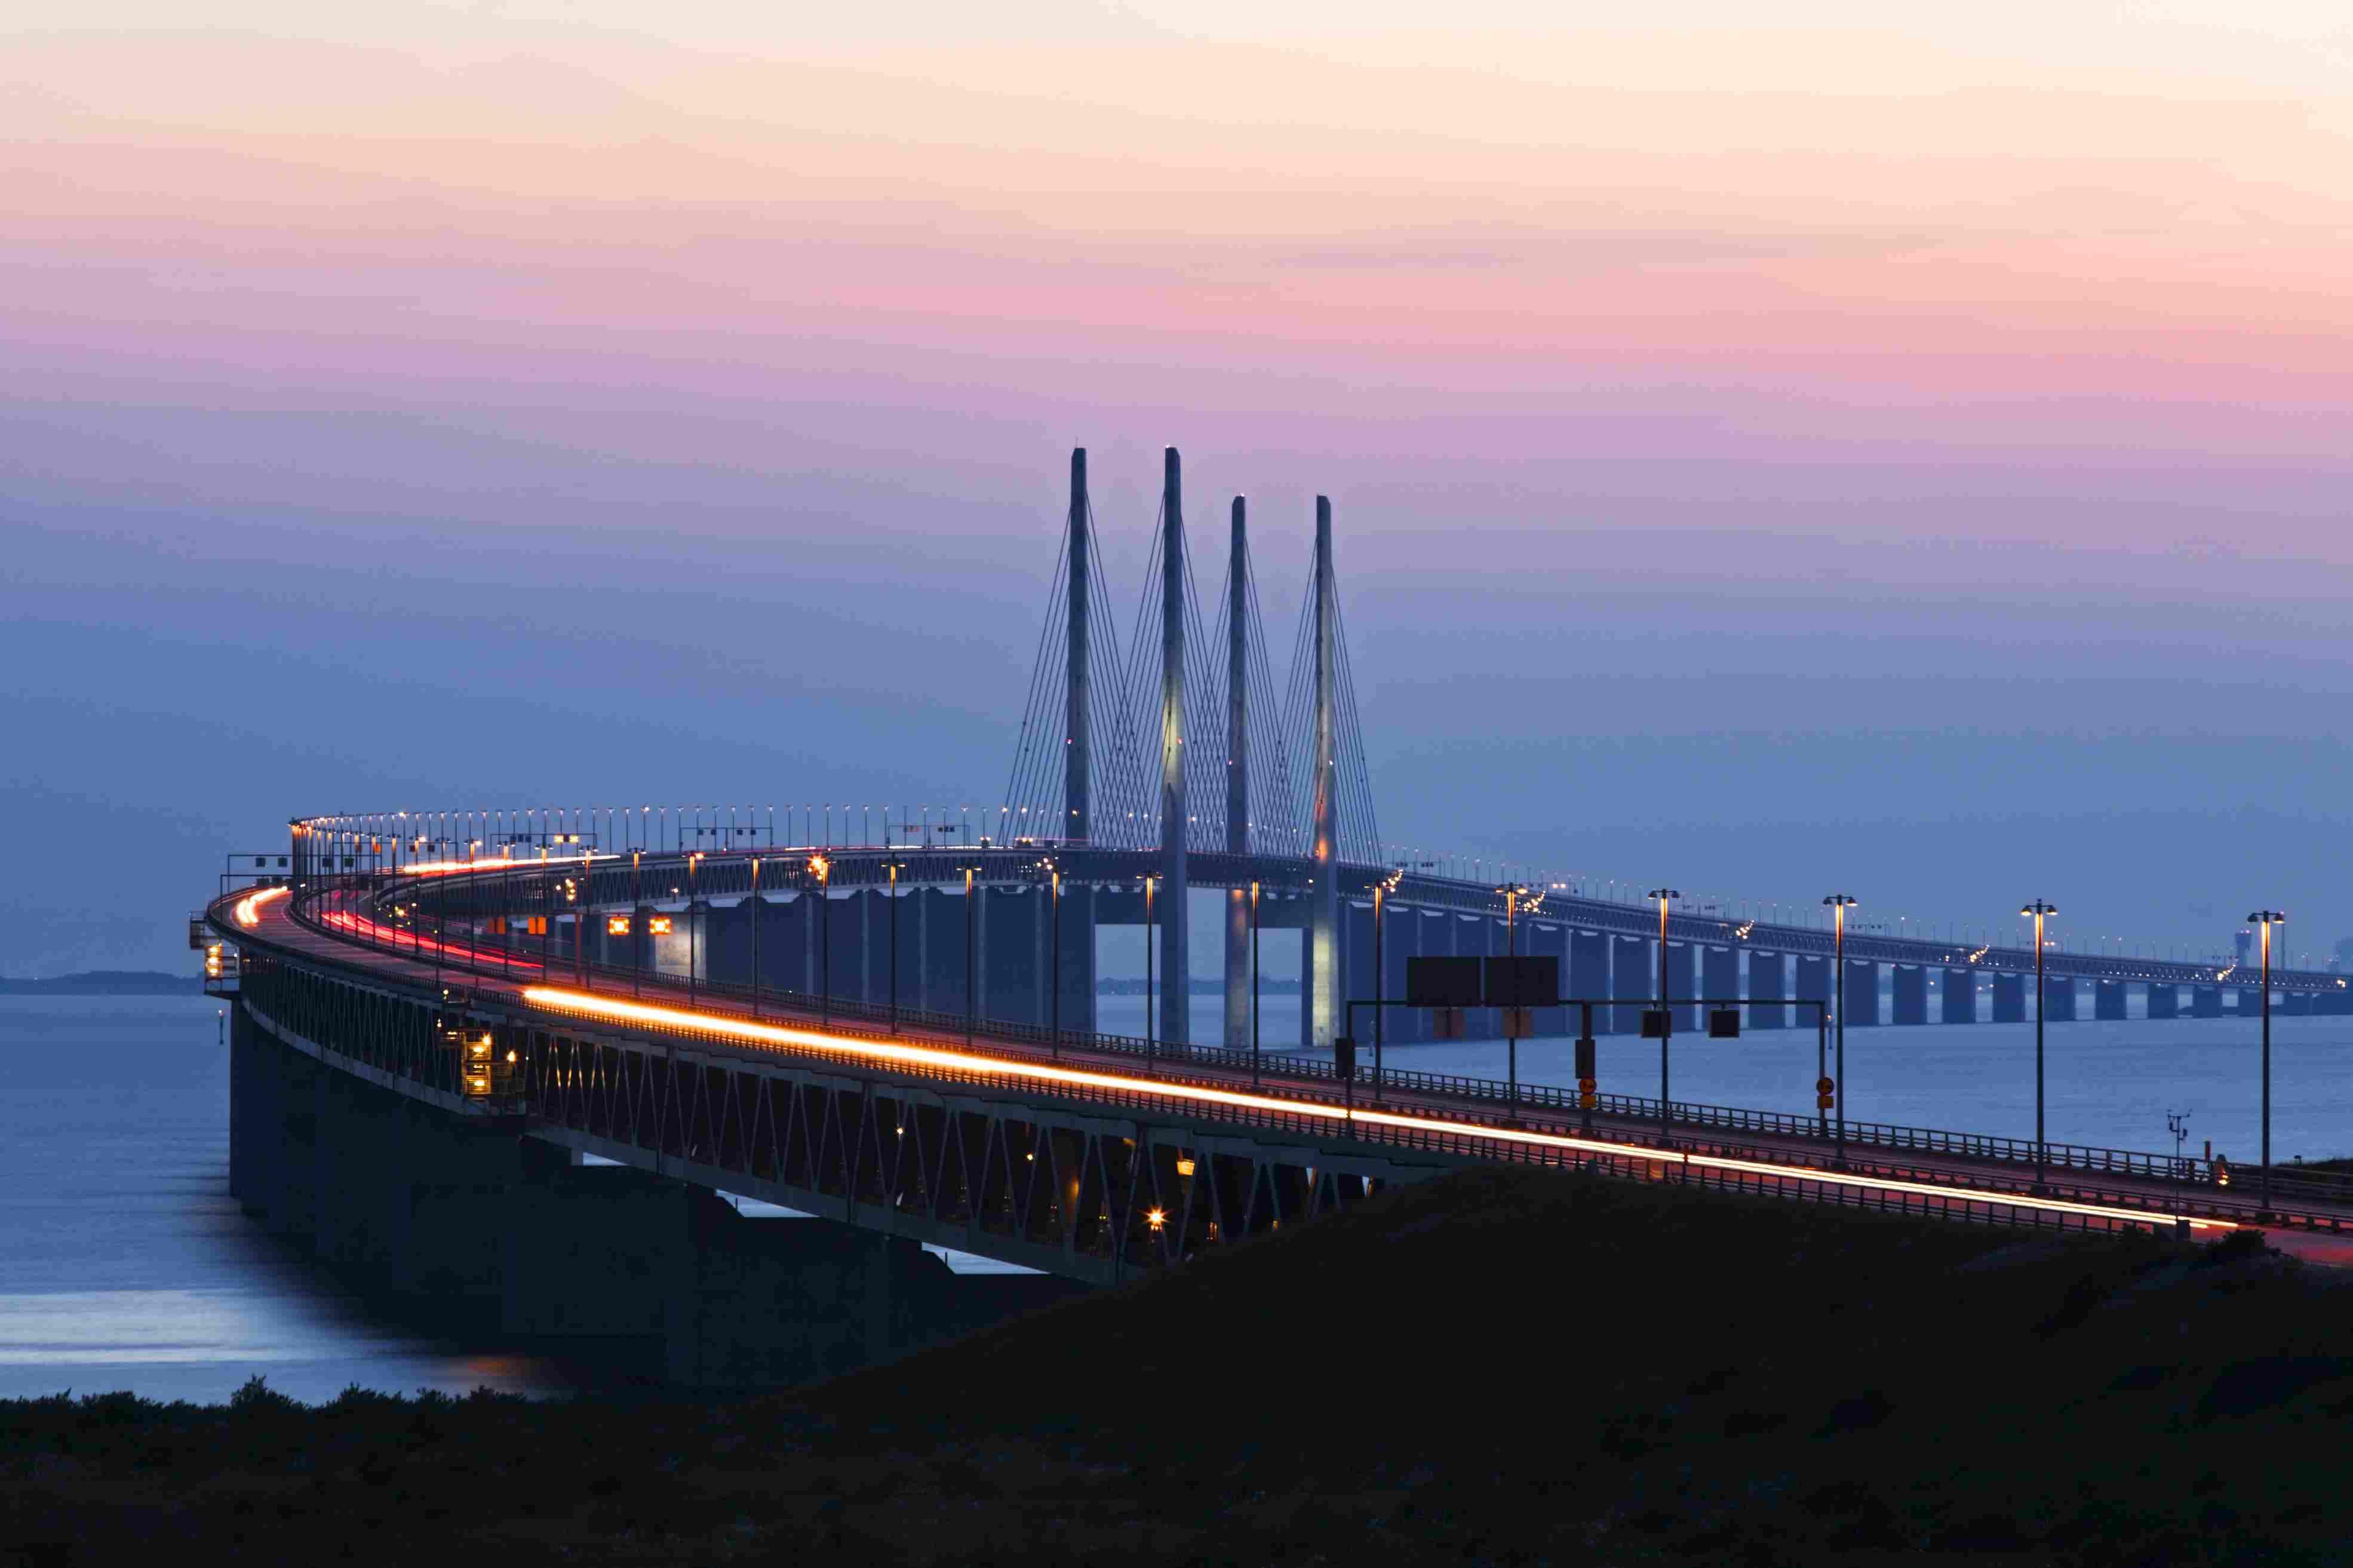 Oresund bridge linking Sweden and Denmark.